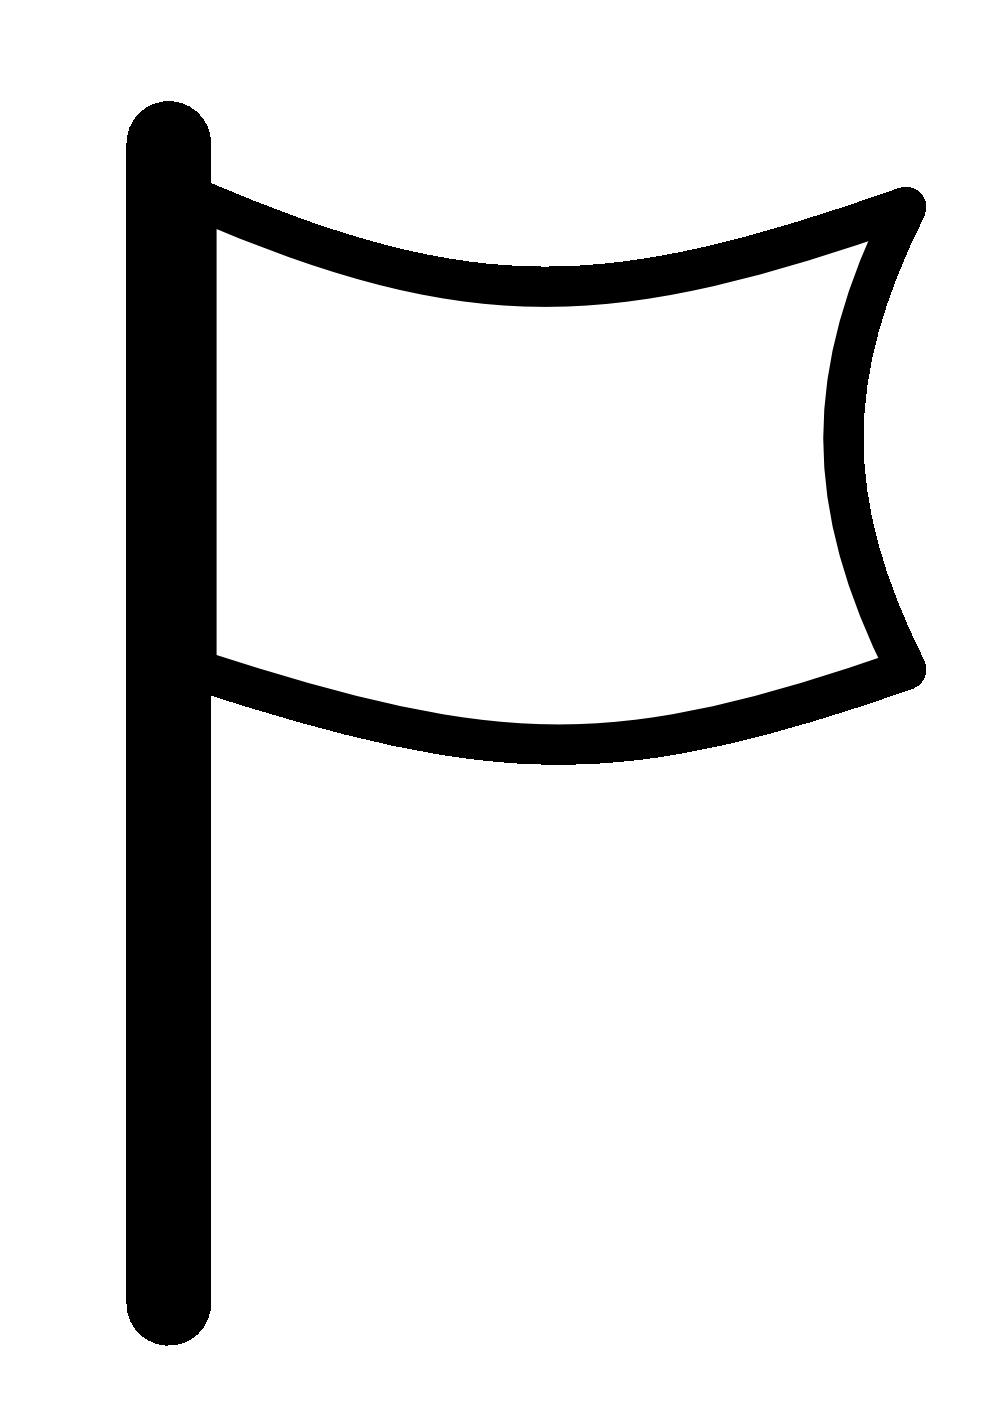 White flag Illustrations and Clipart 285028 White flag